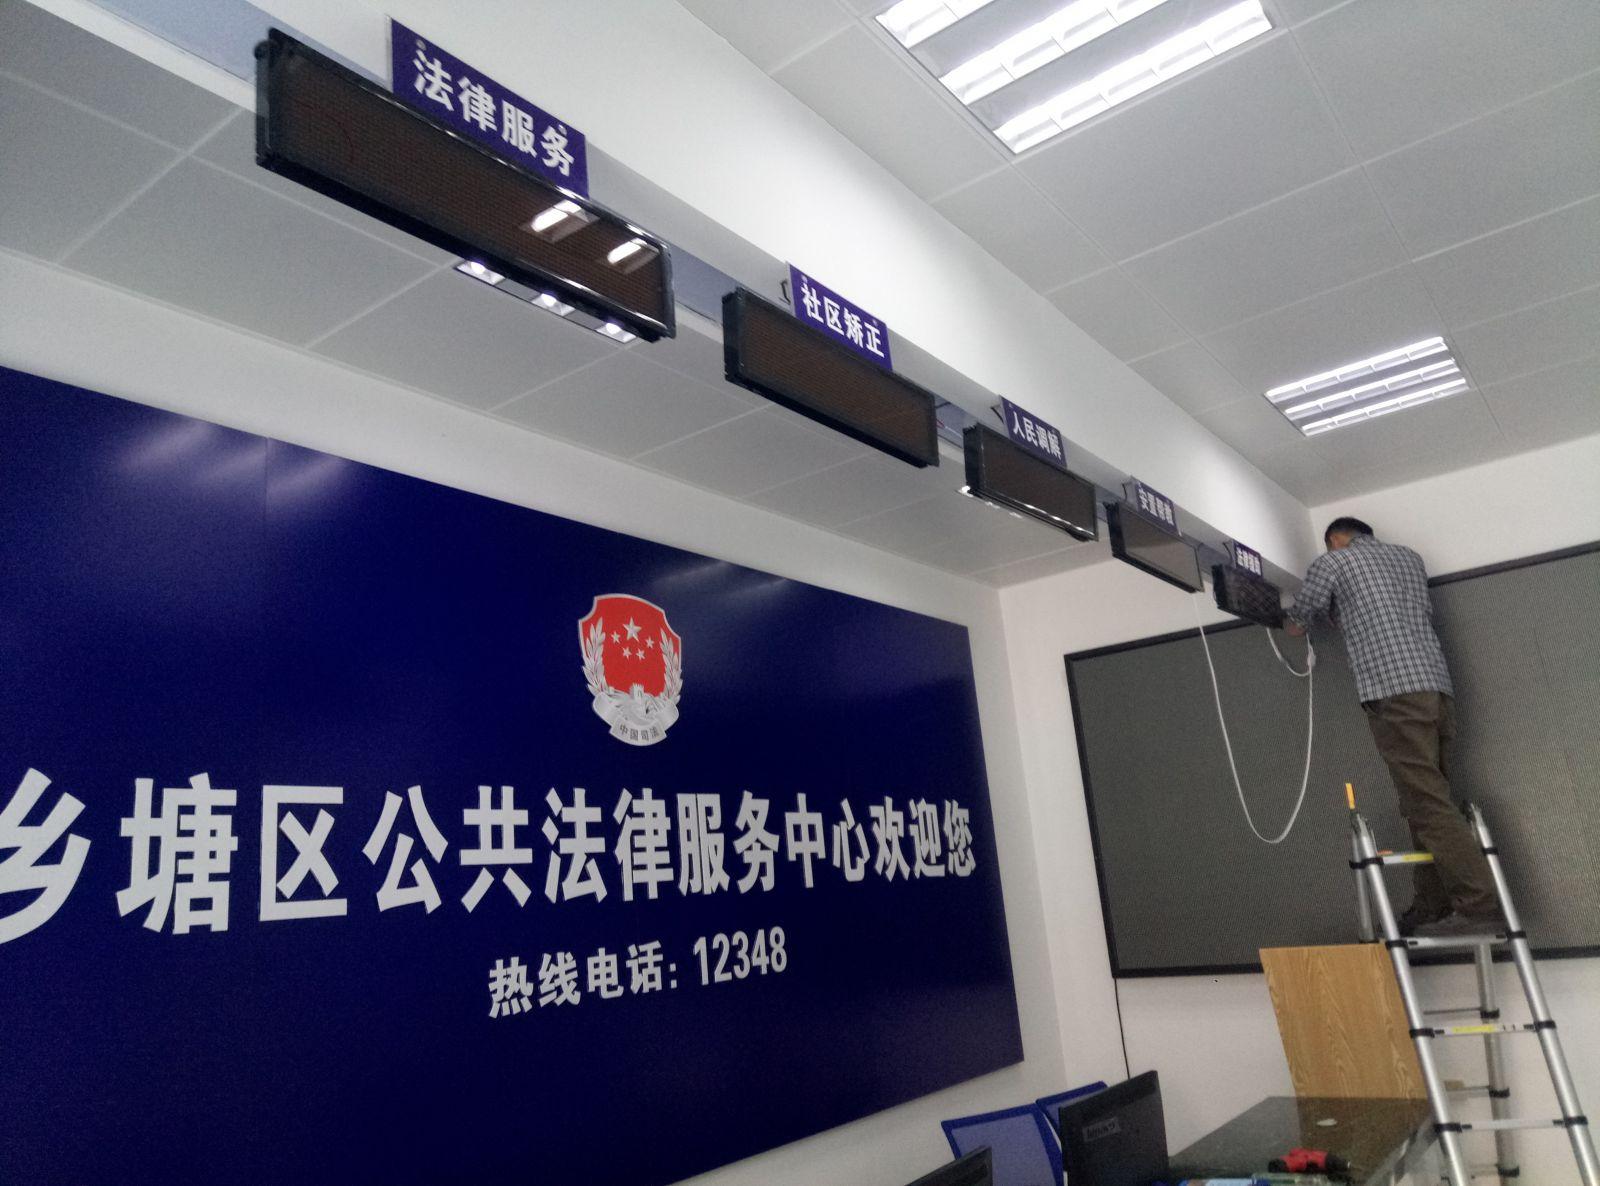 北海南宁司法局排队机触摸查询机项目